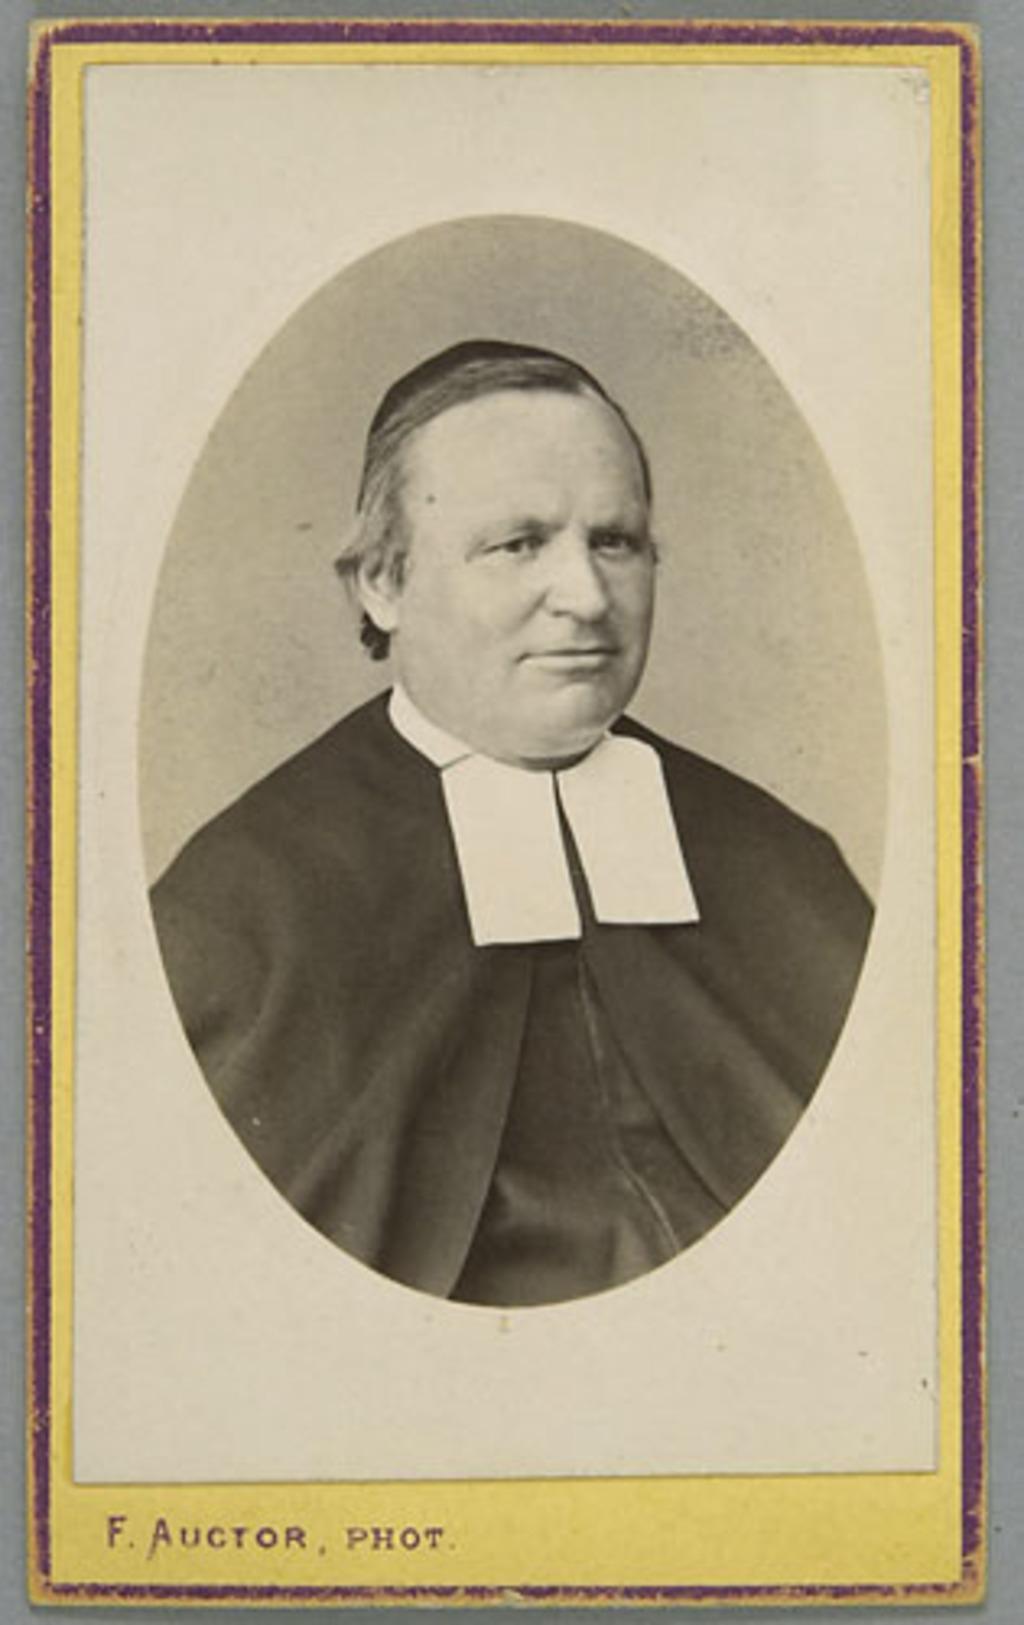 Le Frère des Écoles Chrétiennes, John Patrick Murphy, de l'album de la famille Richer, dit Laflèche et Murphy